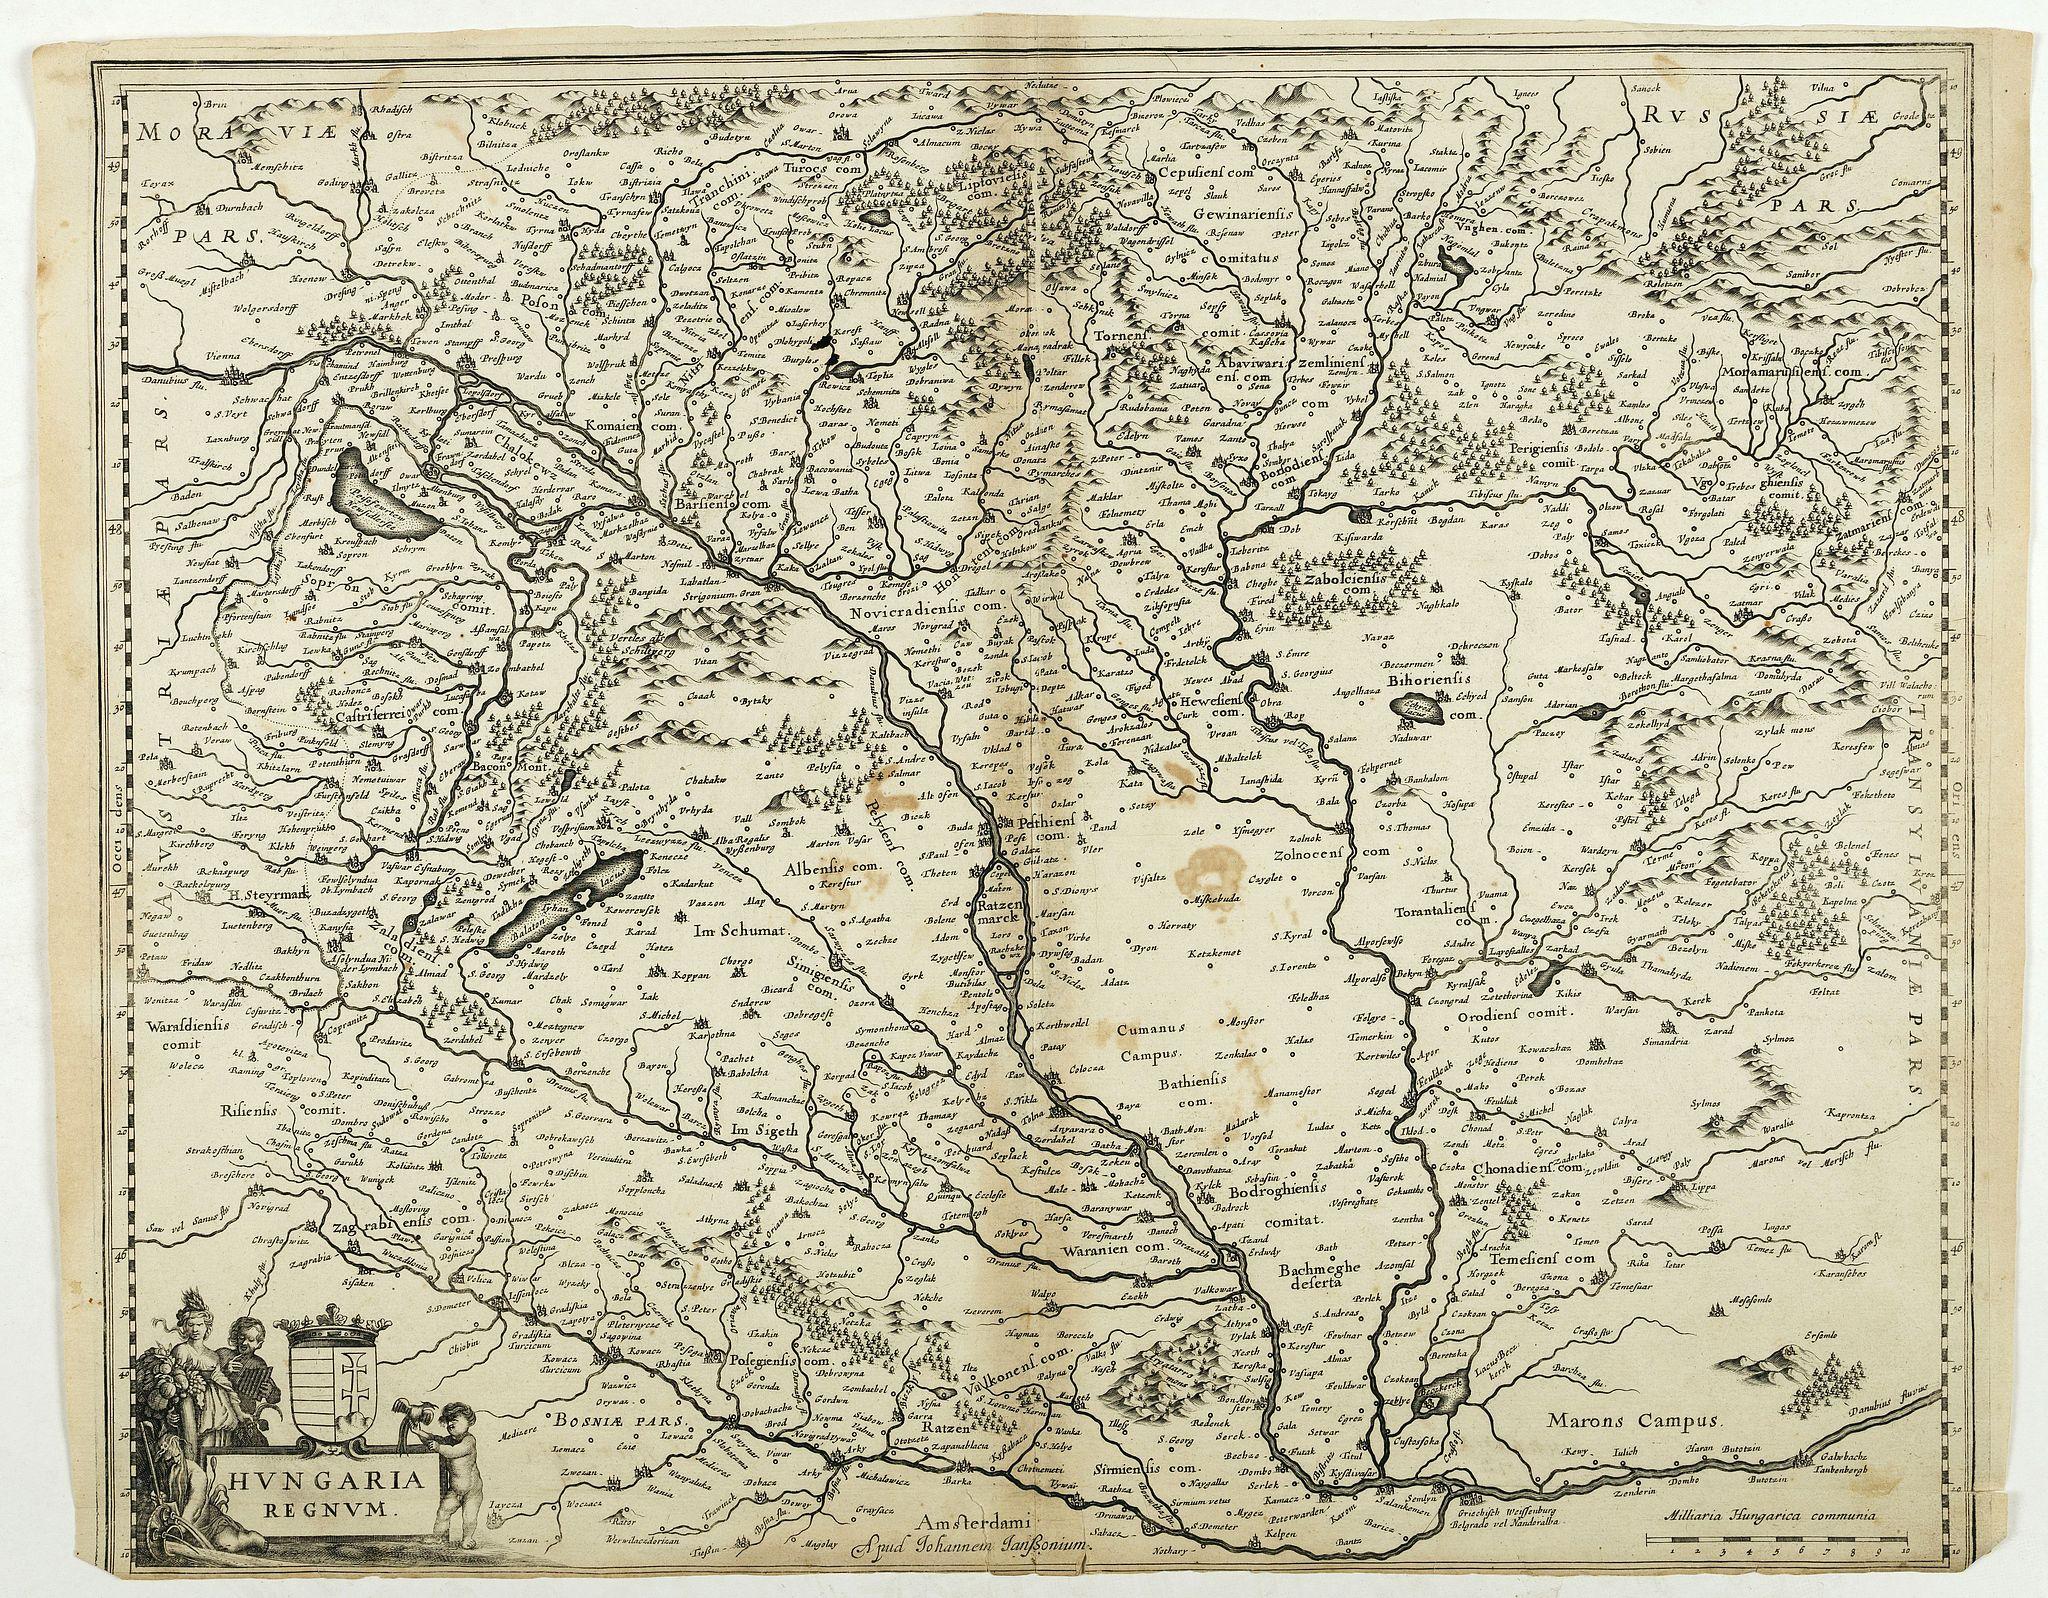 JANSSONIUS, J. -  Hungaria Regnum.